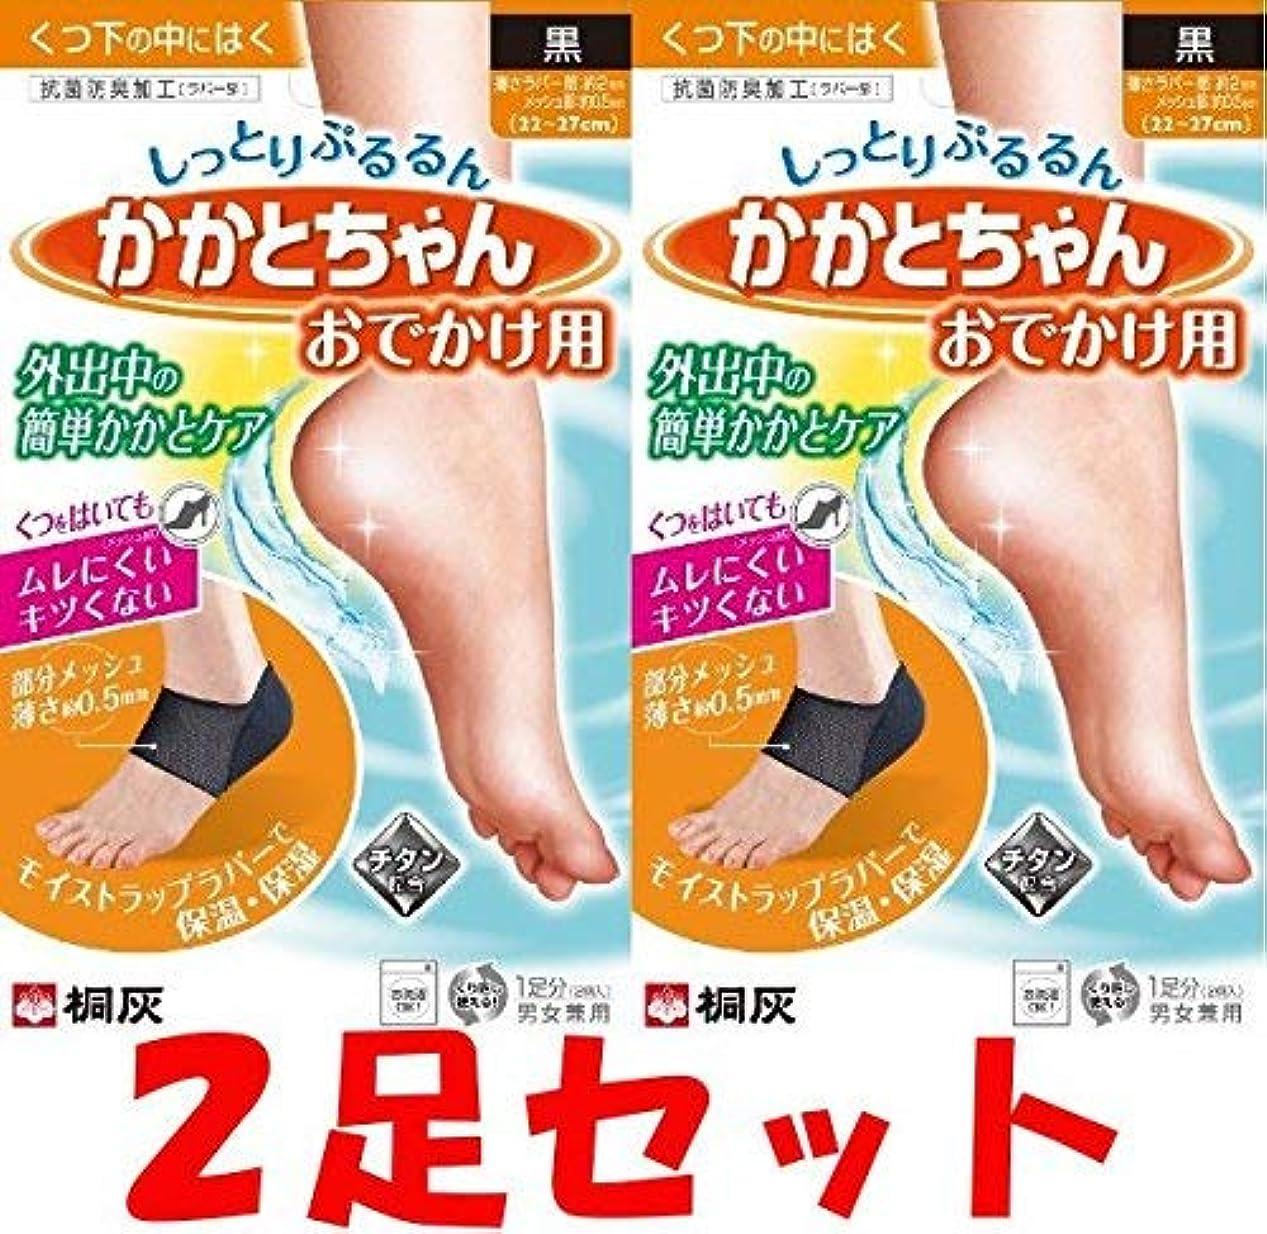 ペルメル個人的な効果的かかとちゃん おでかけ用 黒 22-27cm 2足セット